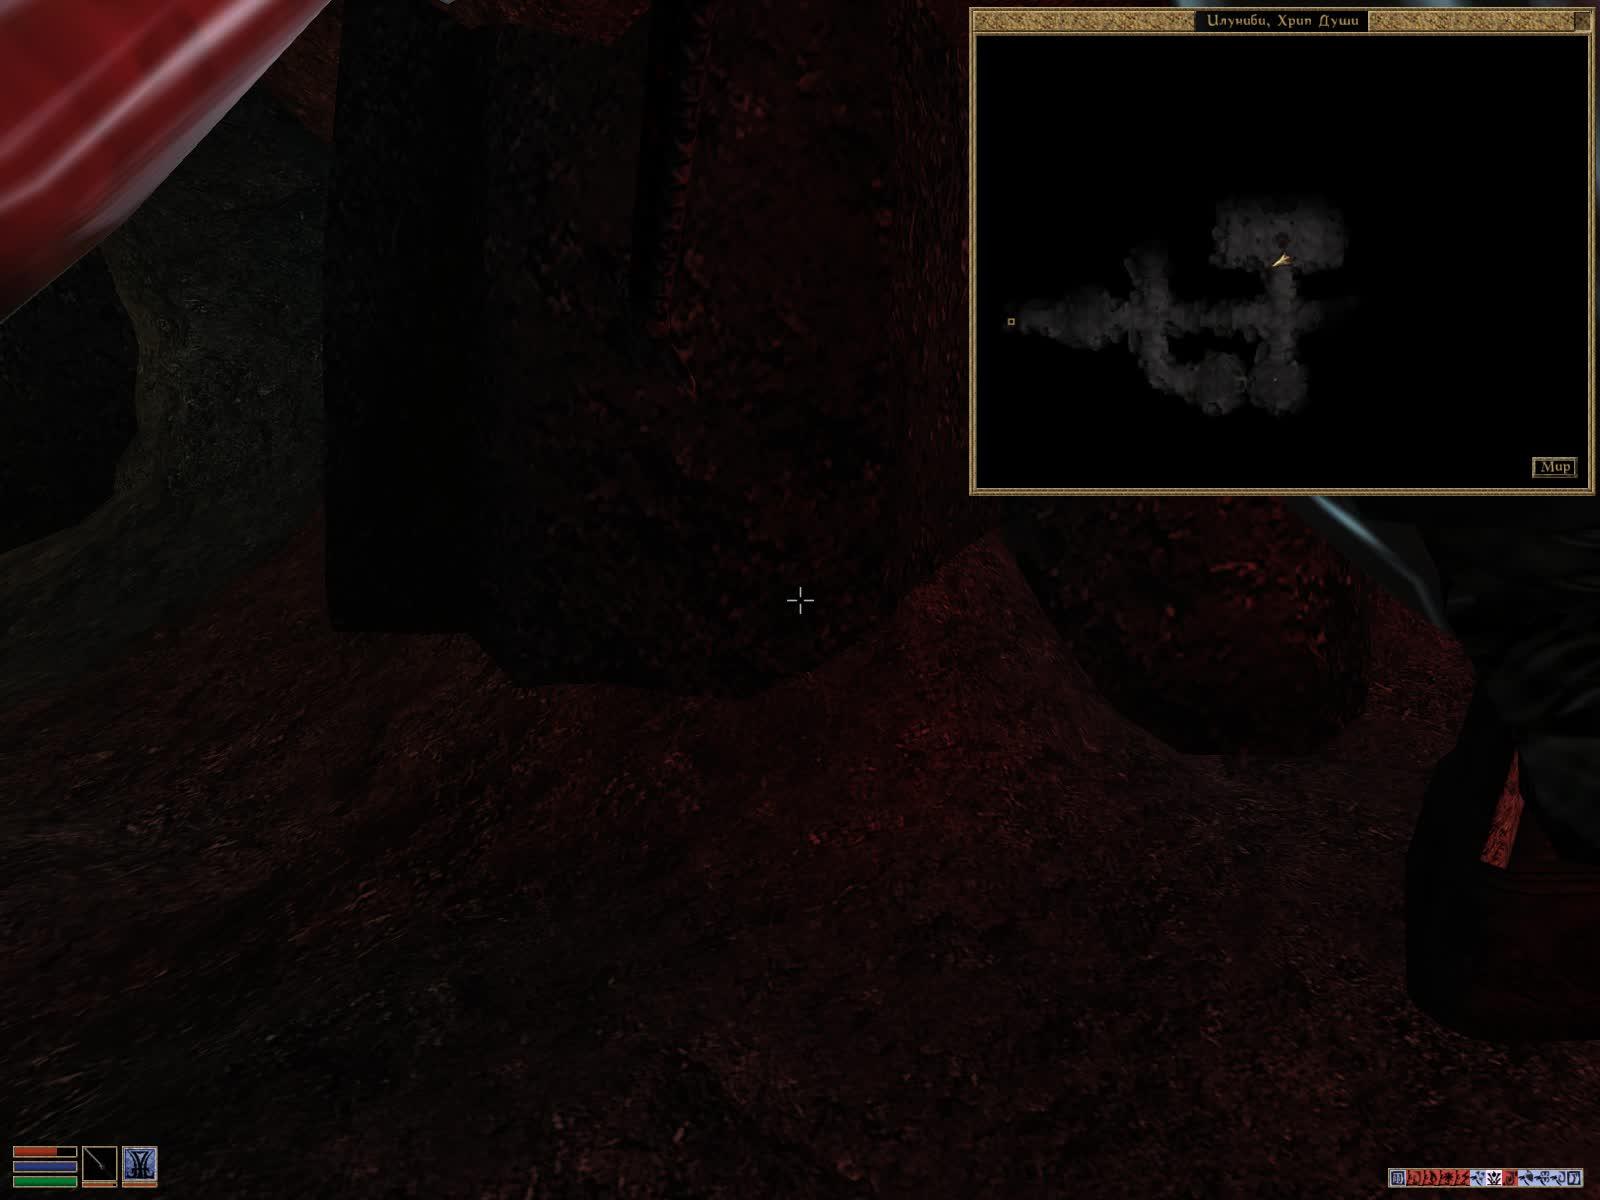 elderscrolls3morrowind, Elder Scrolls 3 Morrowind 2018.10.03 - 22.30.30.03.DVR GIFs